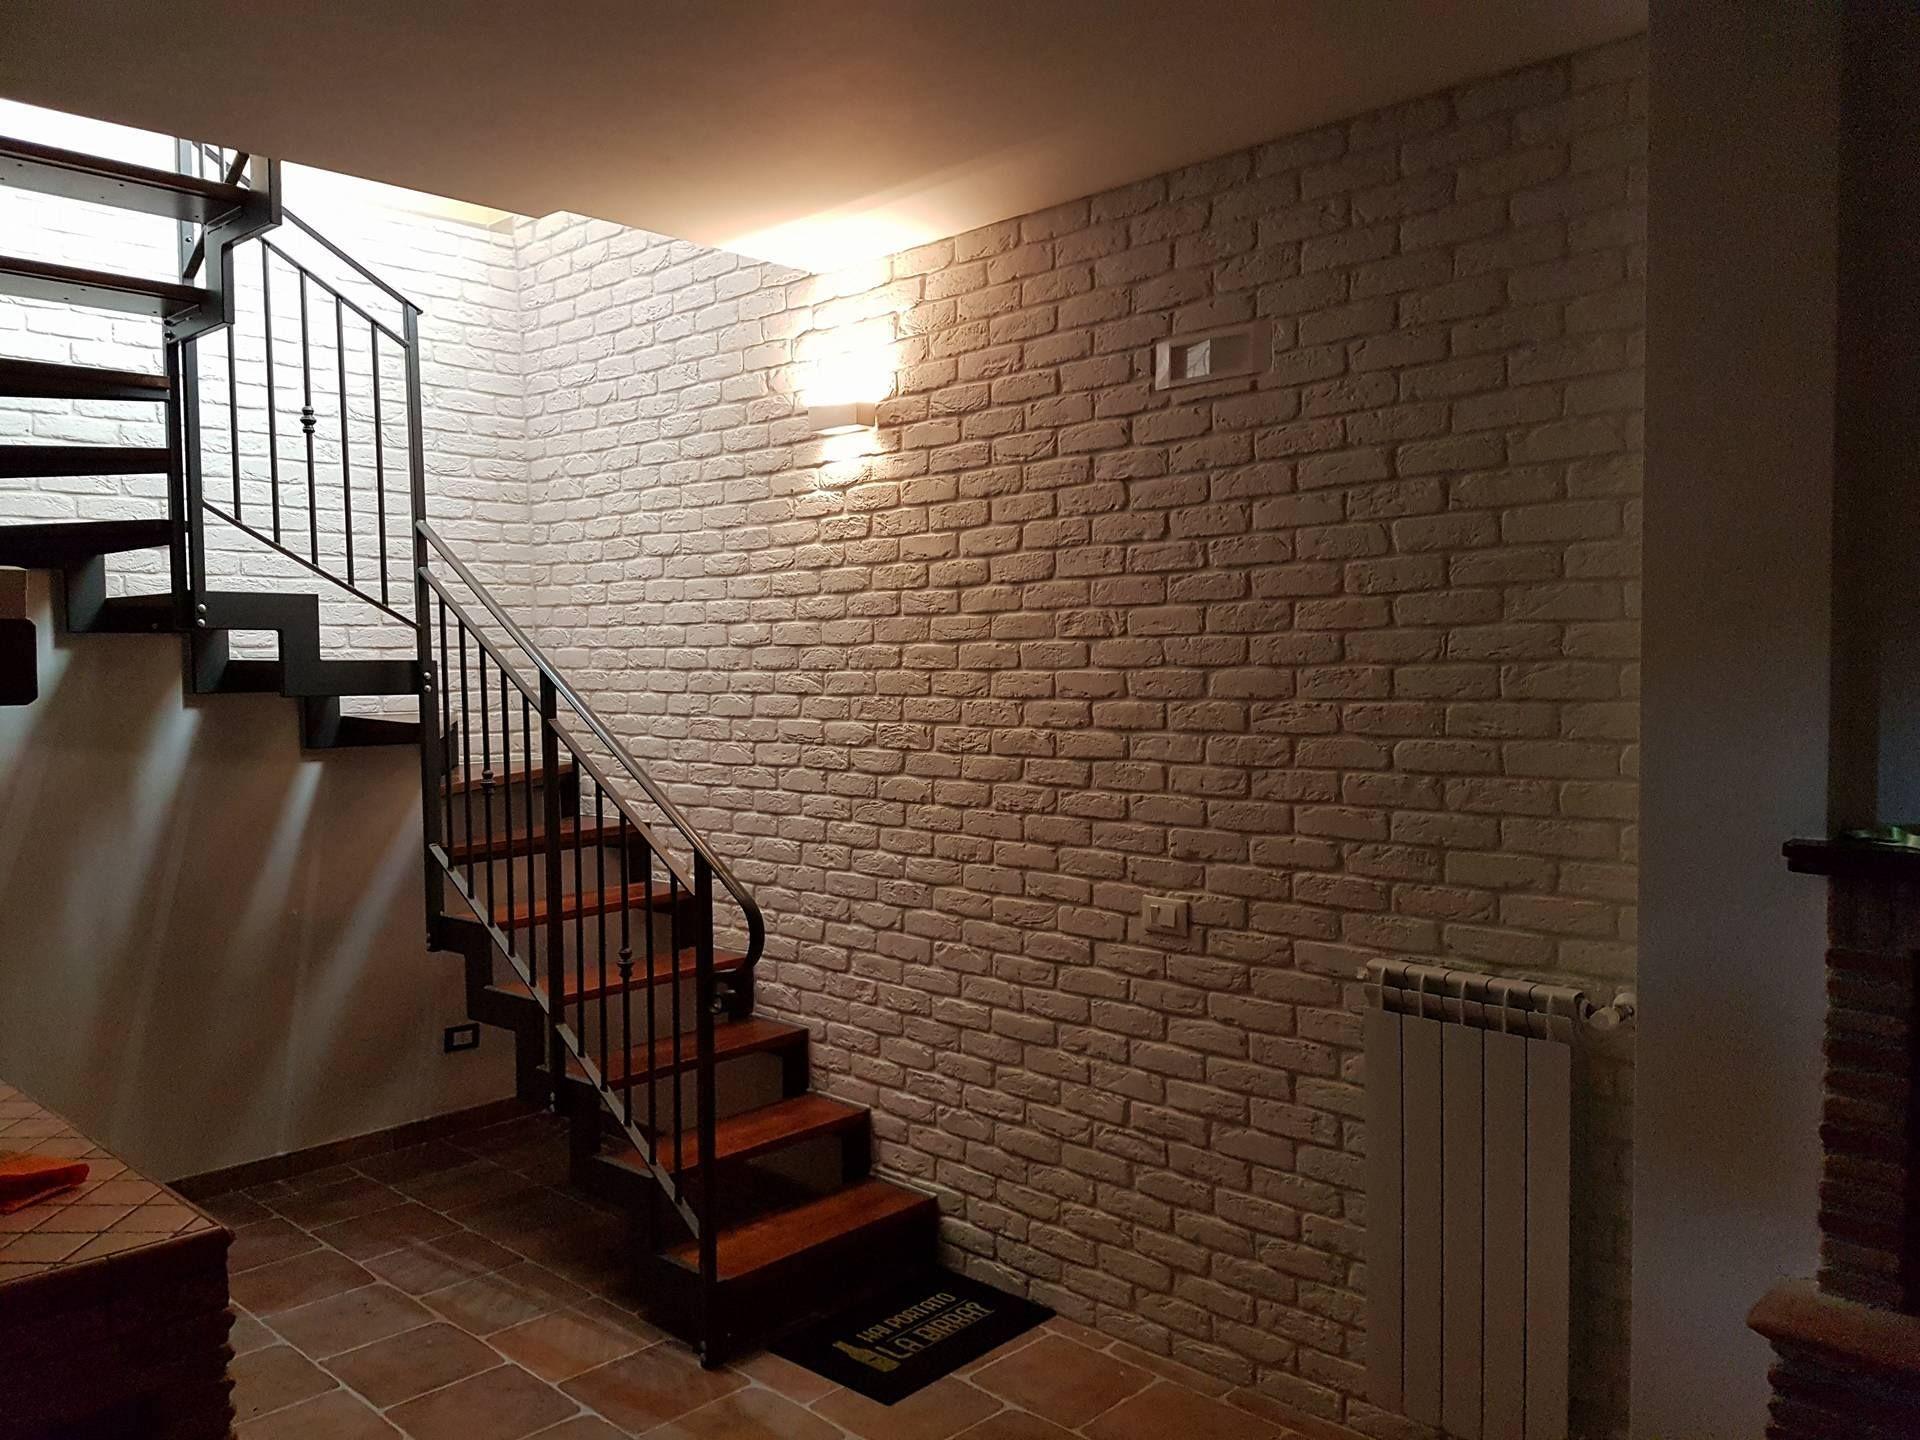 Plafoniere Per Vano Scala : La parete in mattone bianco arreda l invito al vano scala